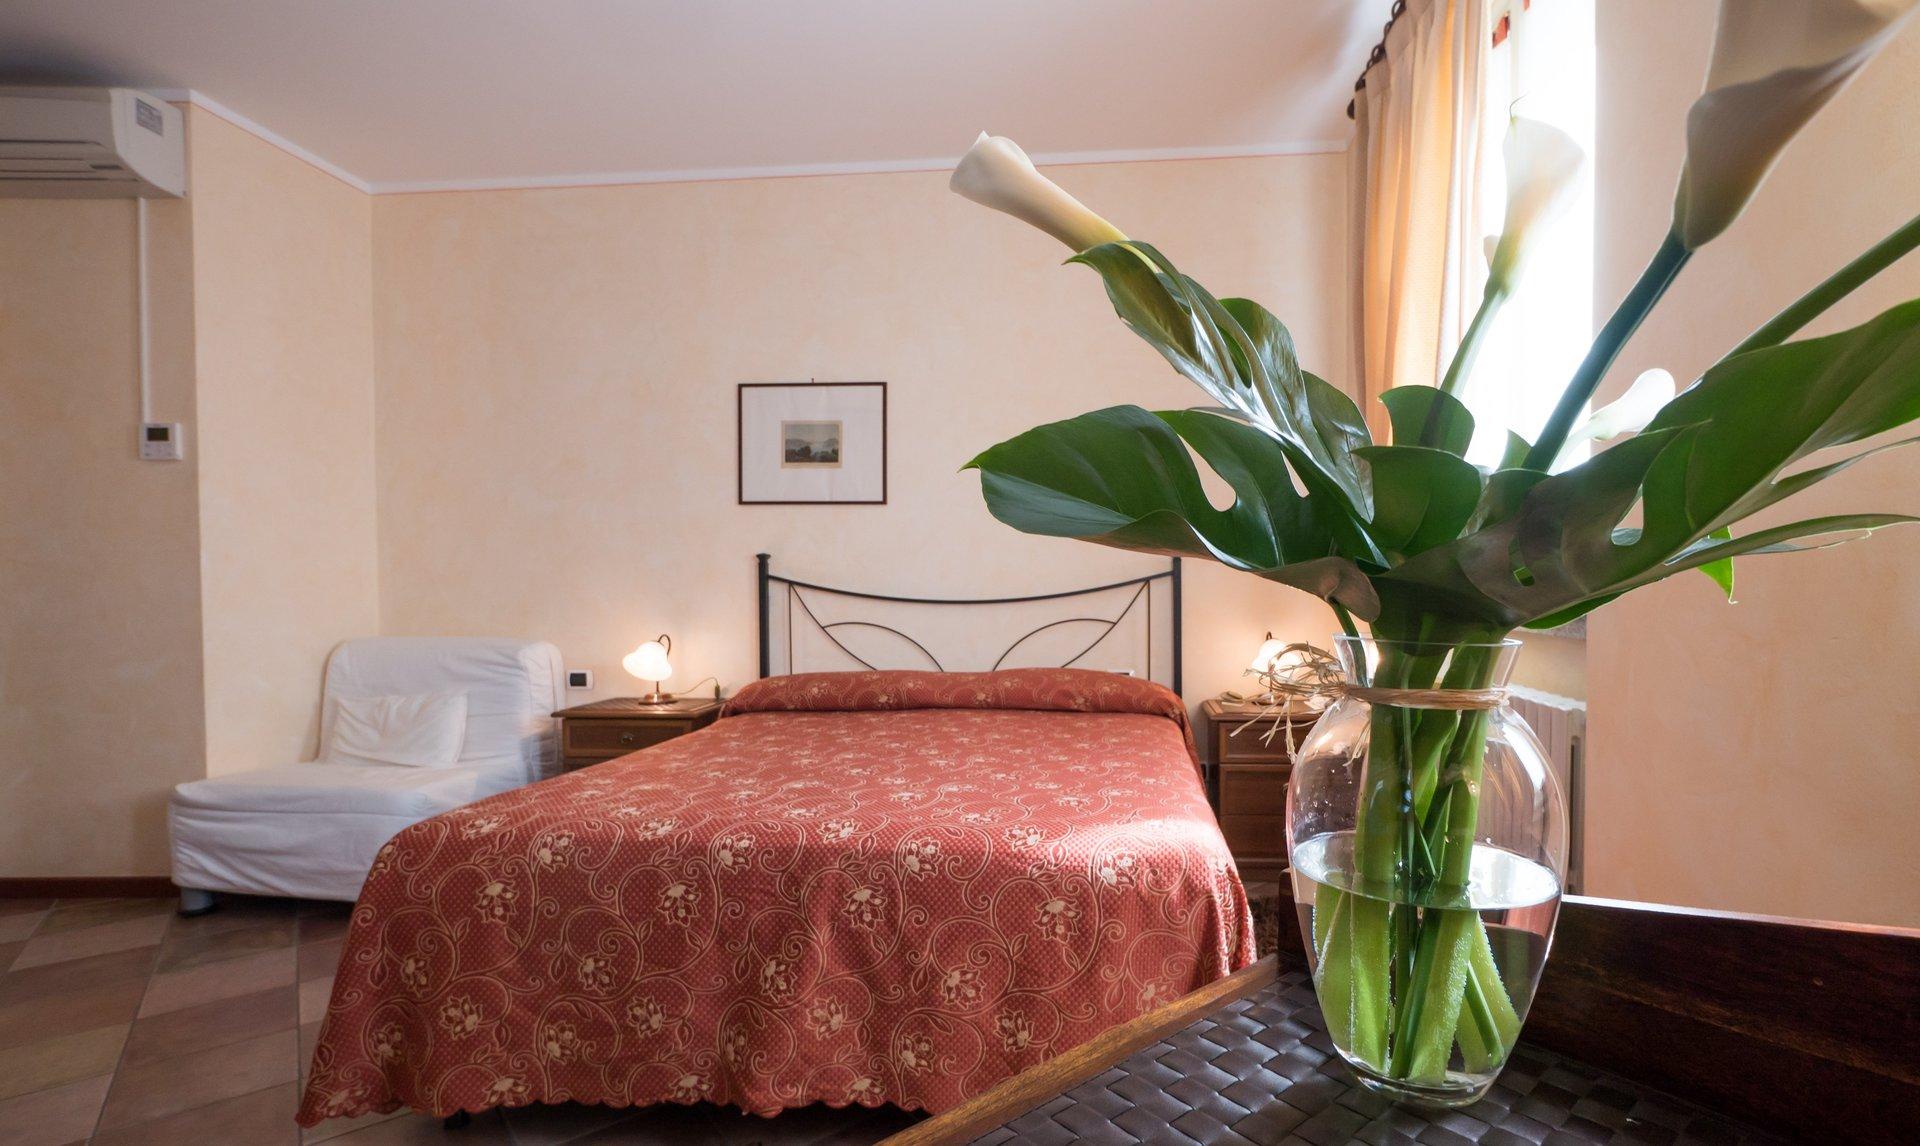 stanza di albergo con primo piano di vaso con fiori